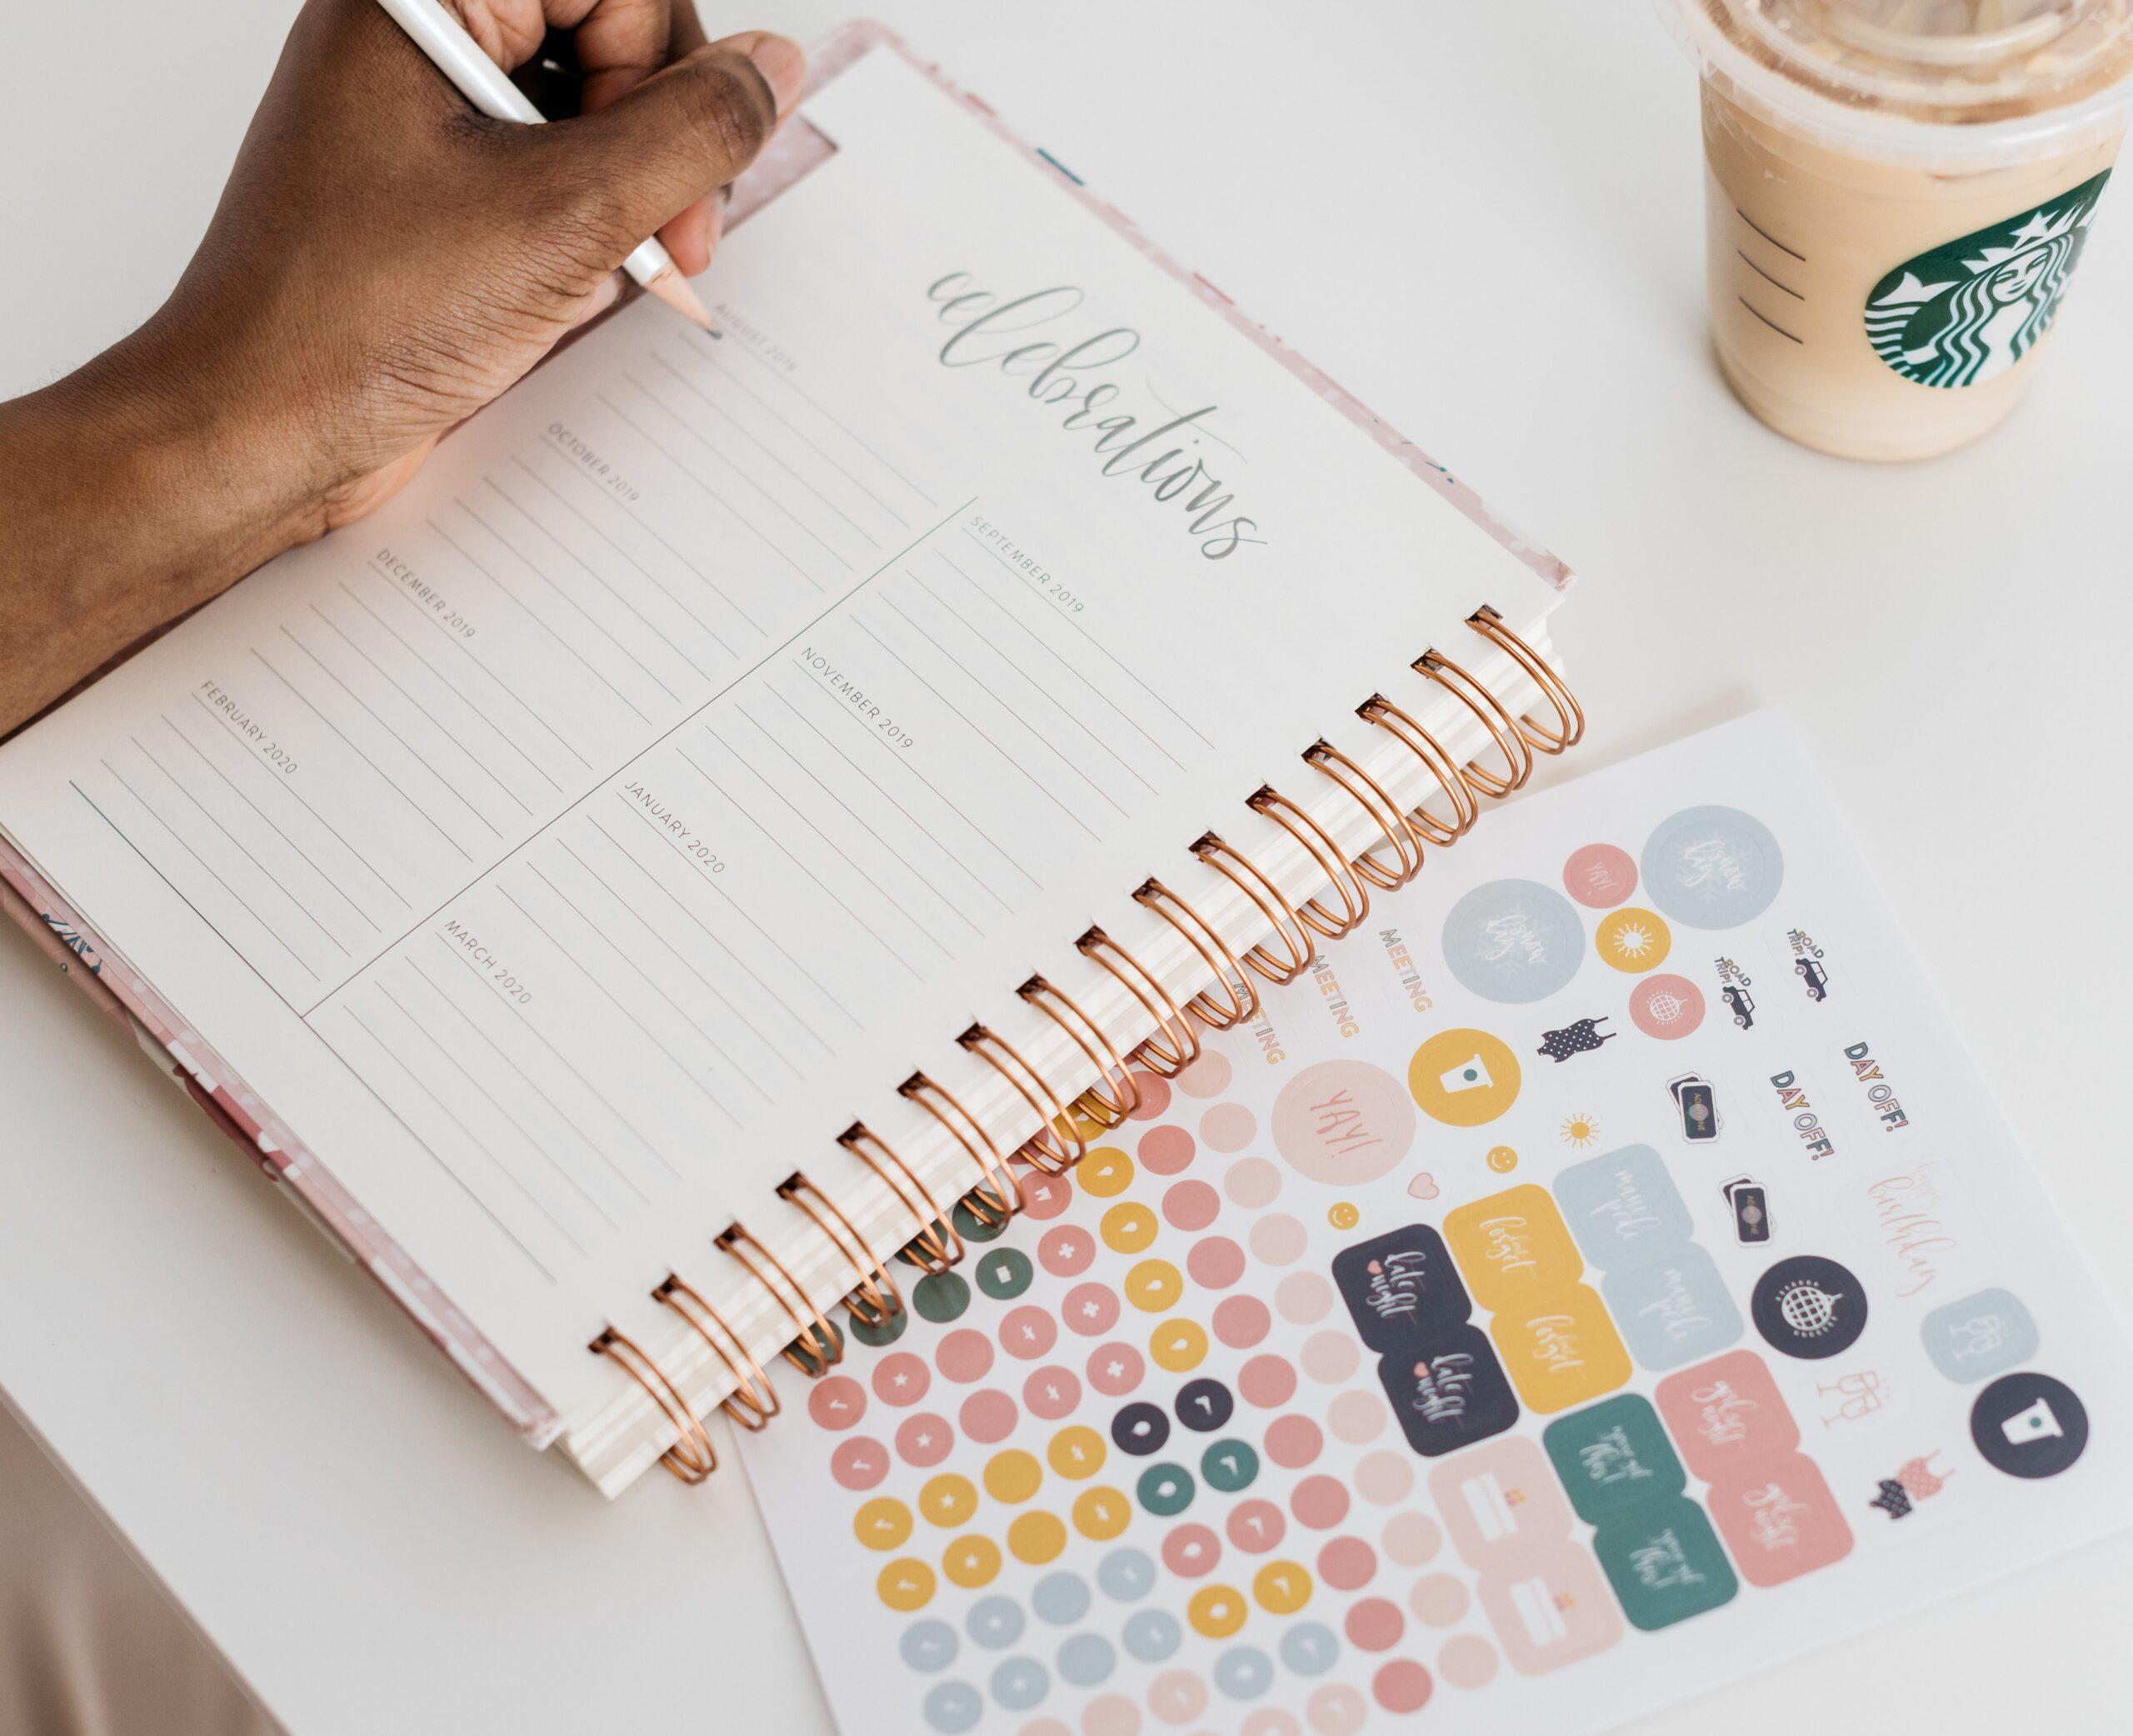 ¿Cómo usar una agenda y sacarle el mejor provecho?